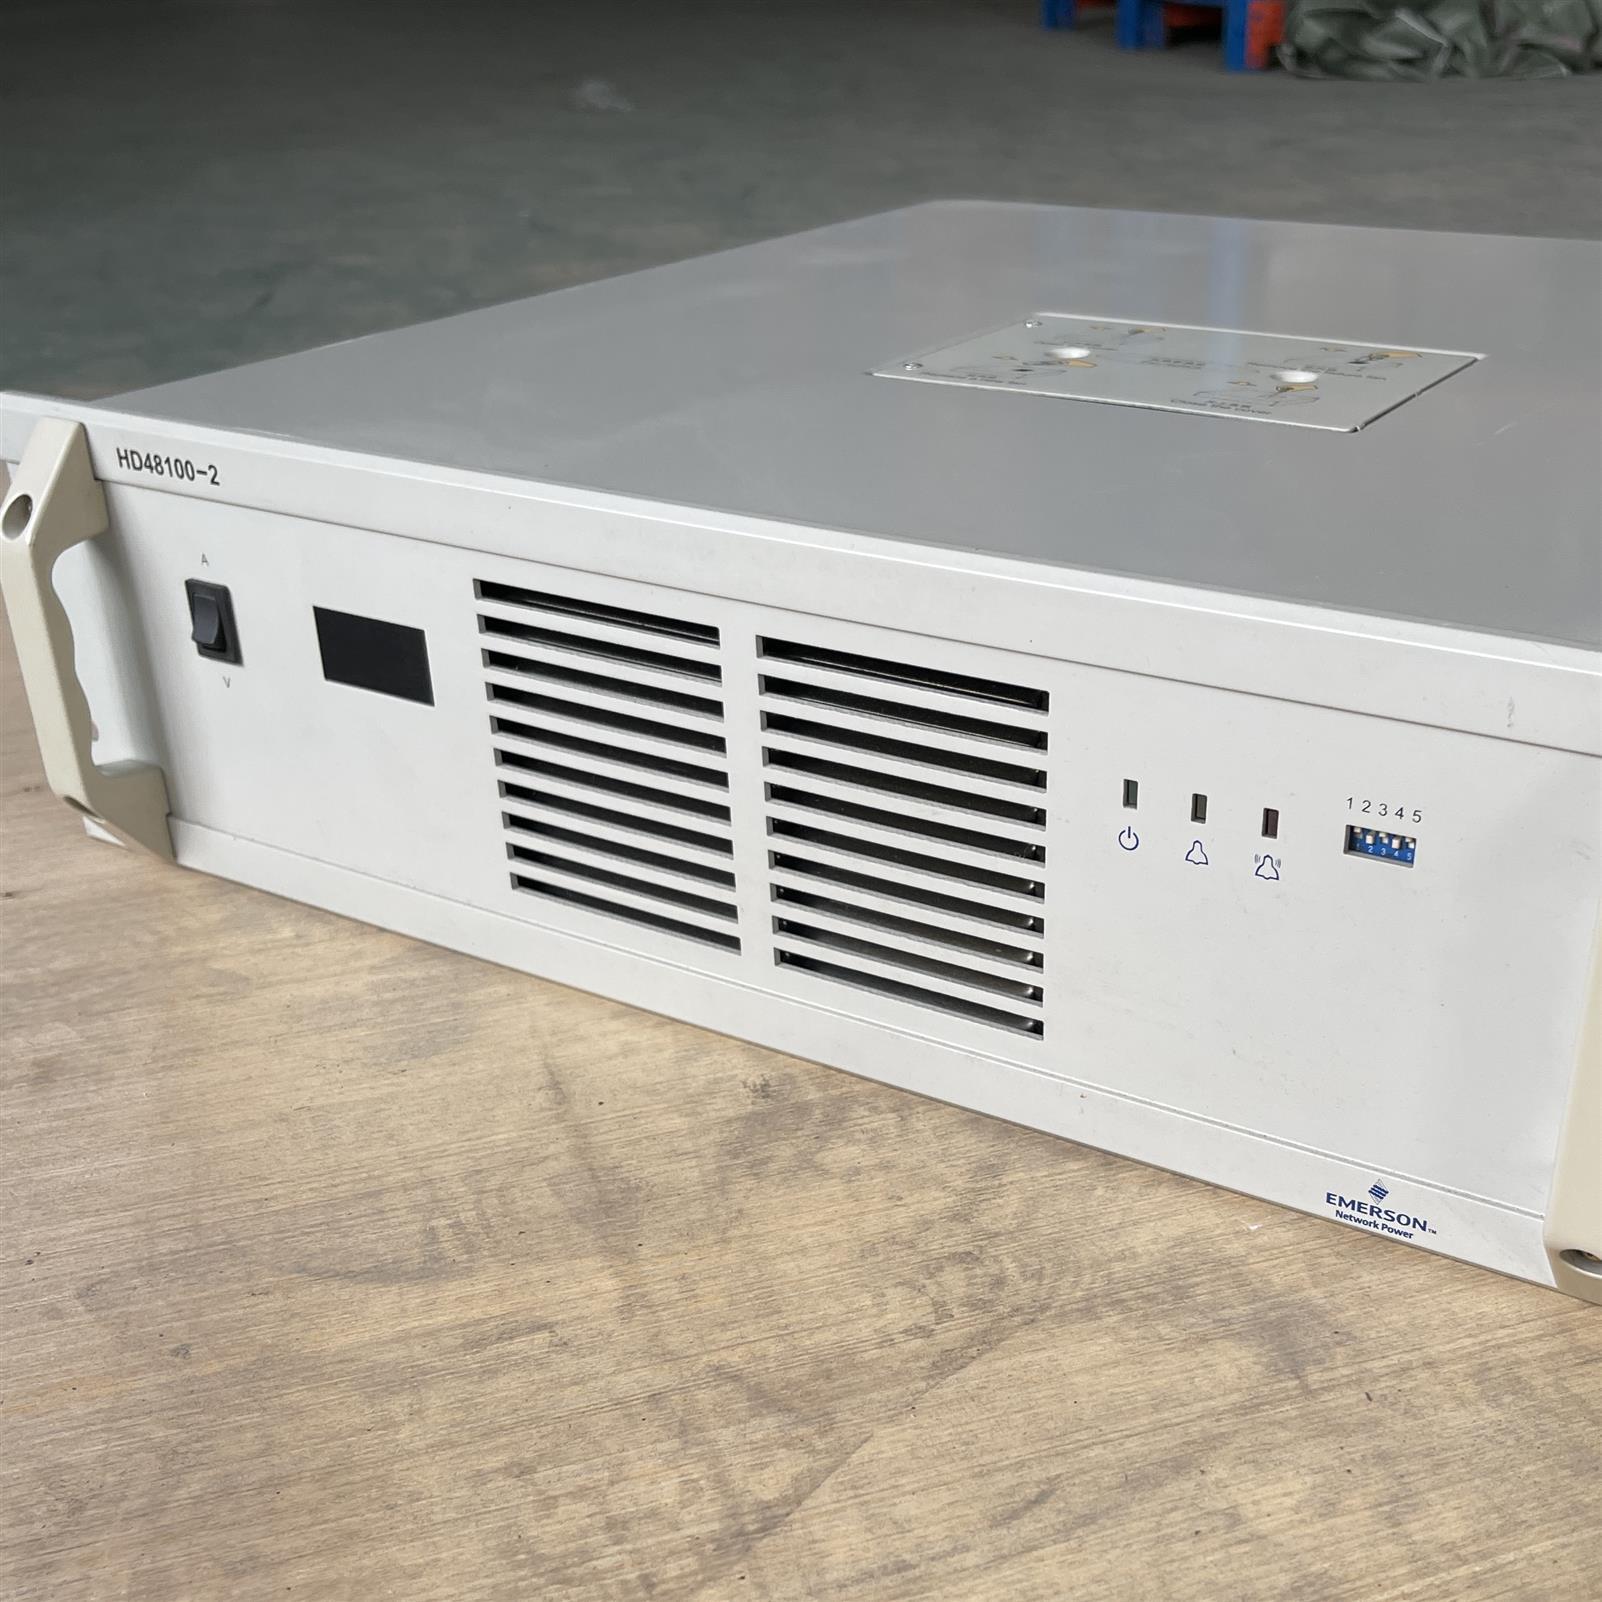 DC48V/100A **回收 太原艾默生HD48100-2